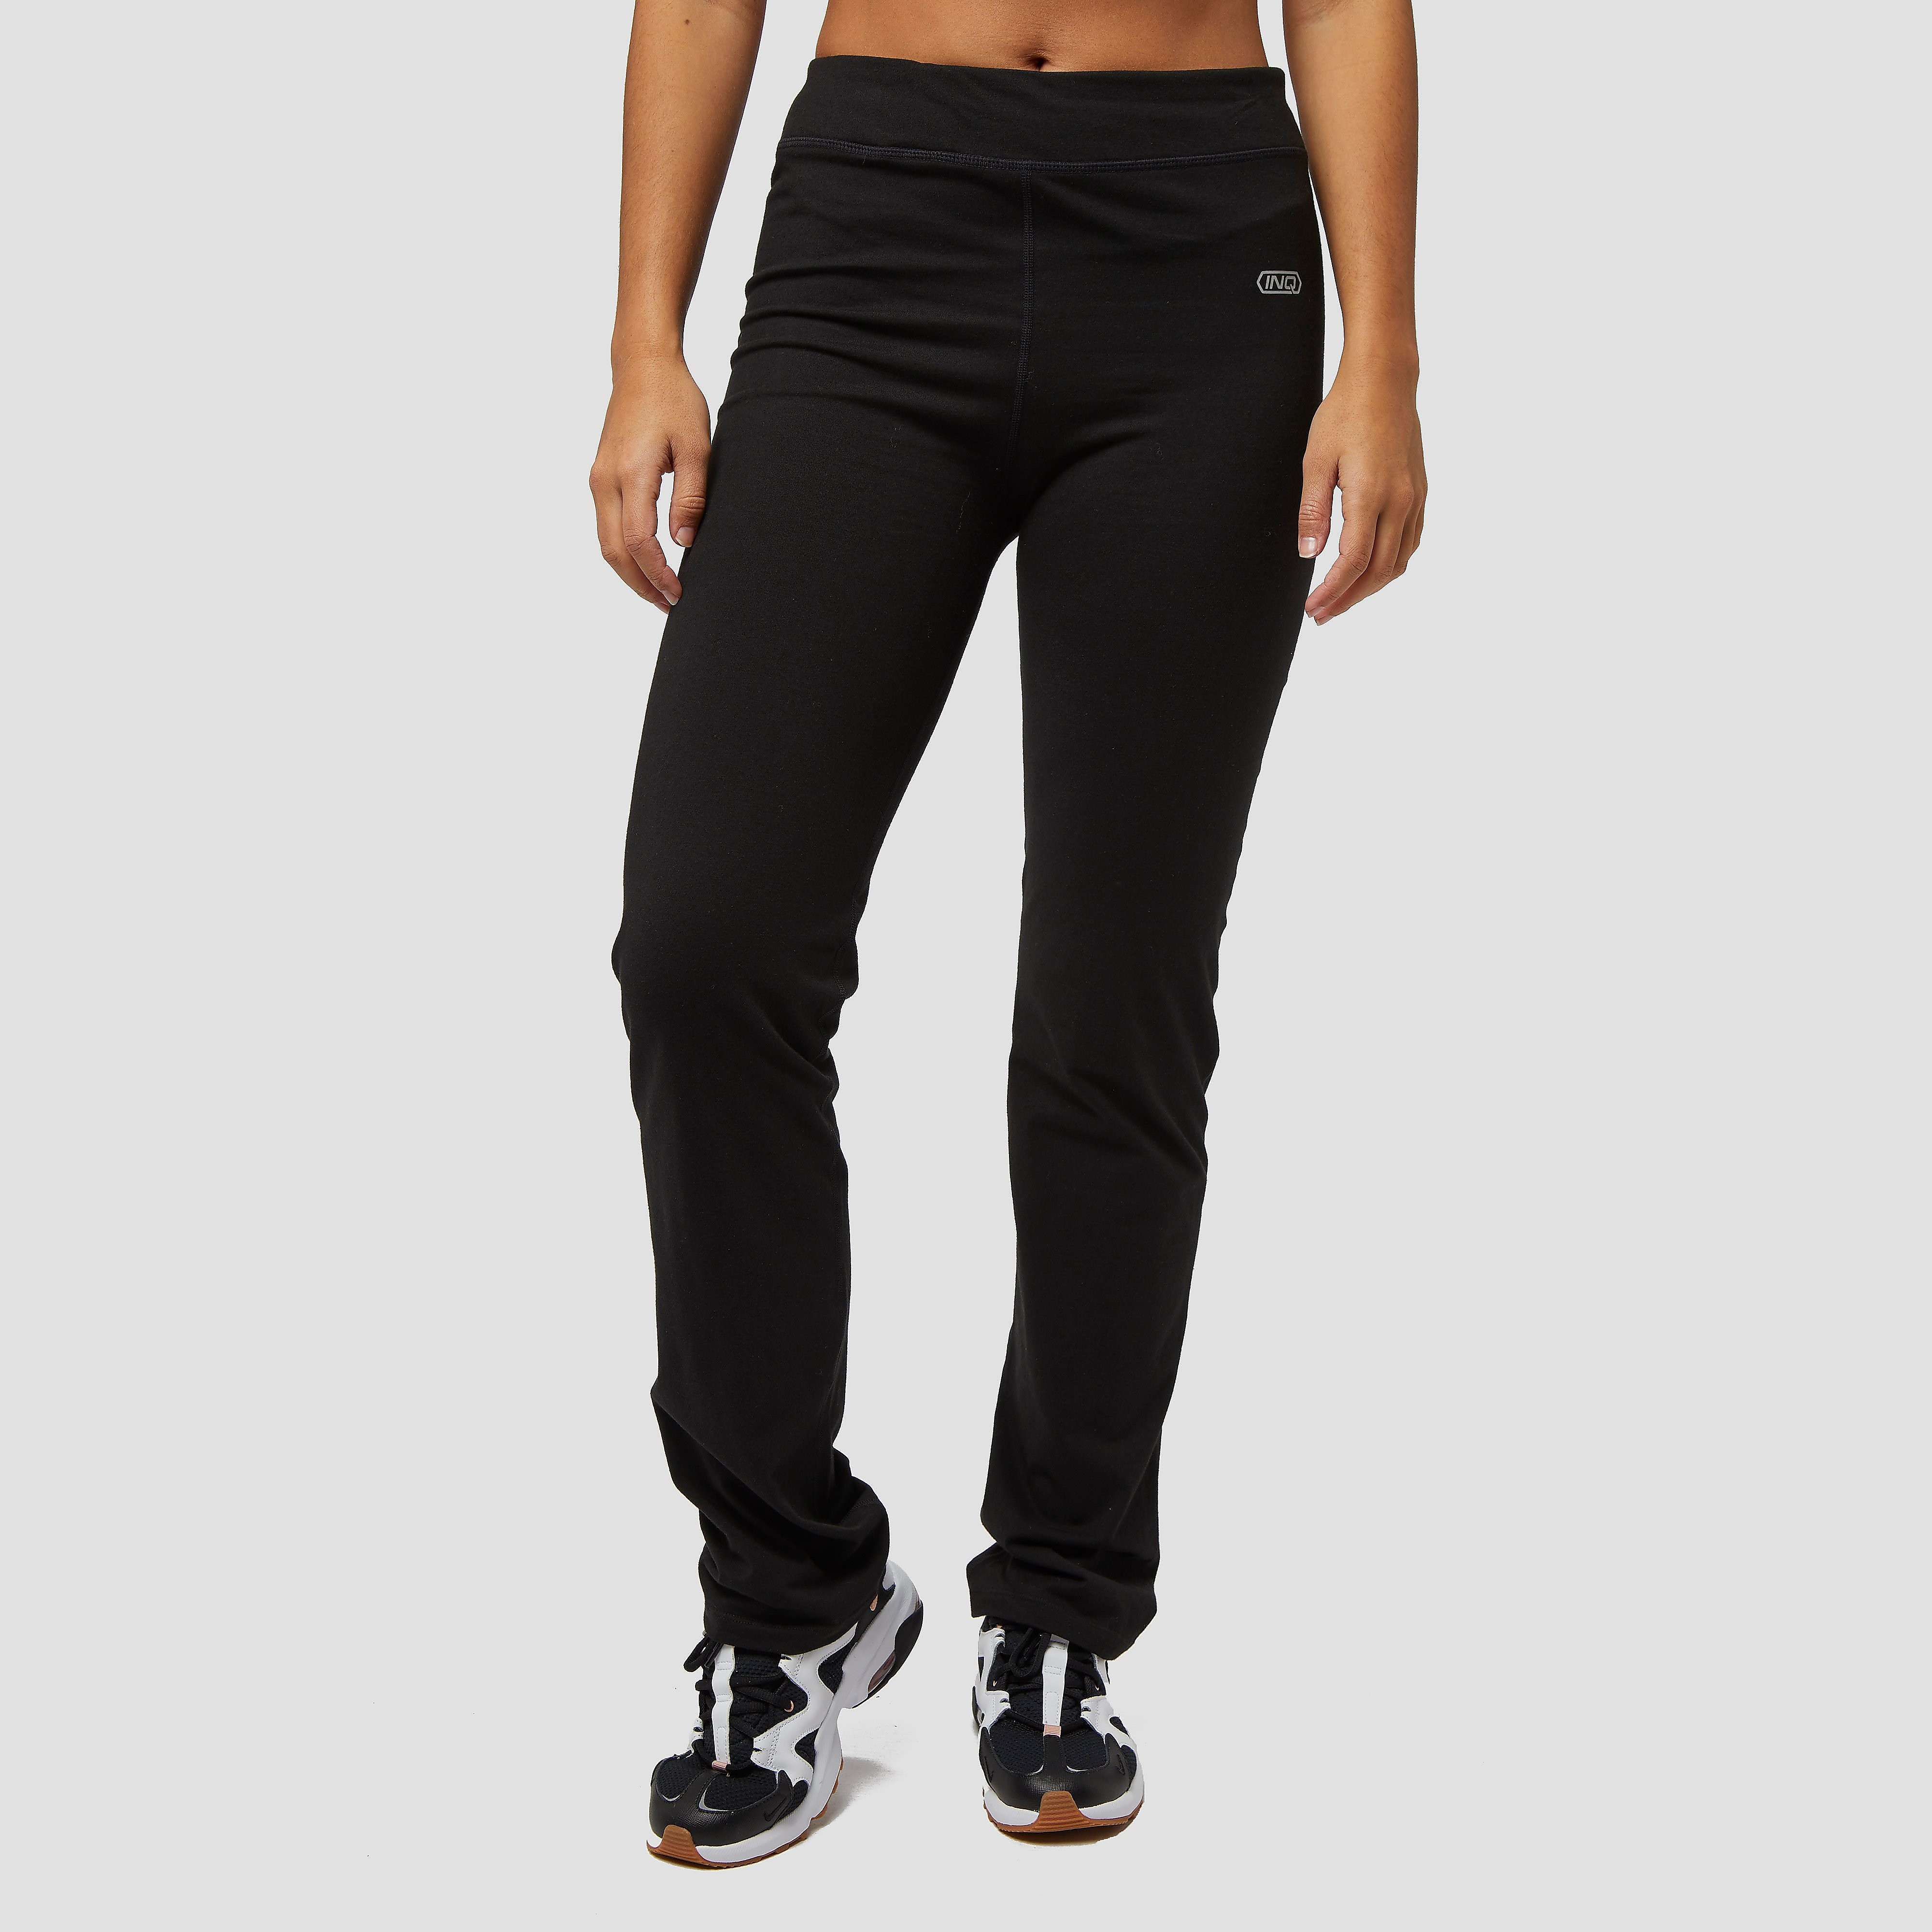 INQ Prona-loose fit hardloopbroek zwart dames Dames